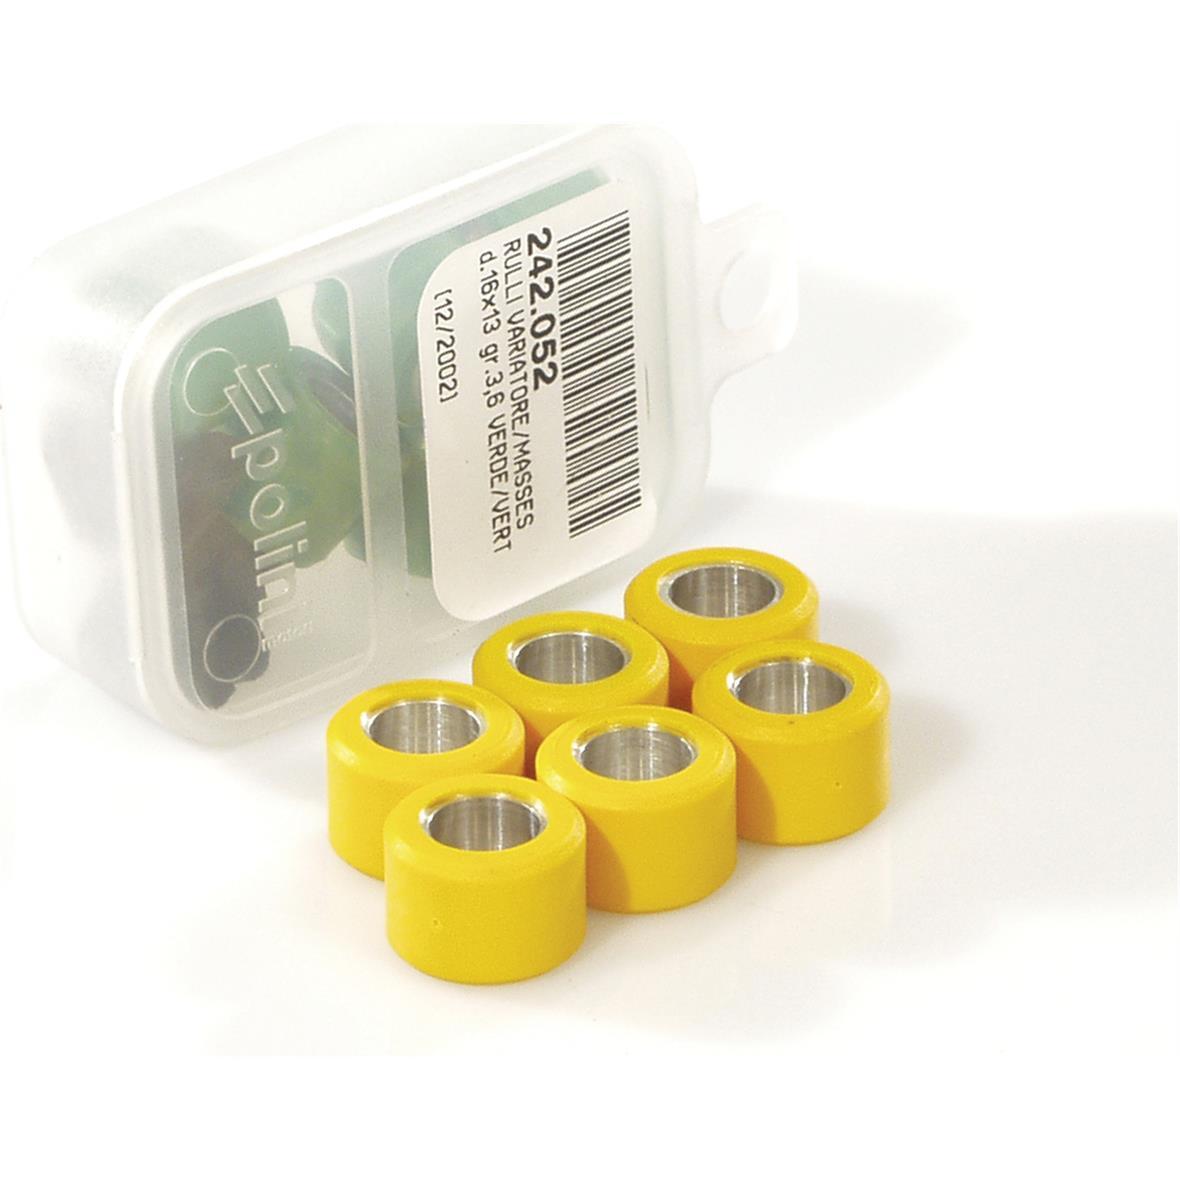 Image du produit 'Rouleaux de variateur POLINI 17x12 mm 3,2g'